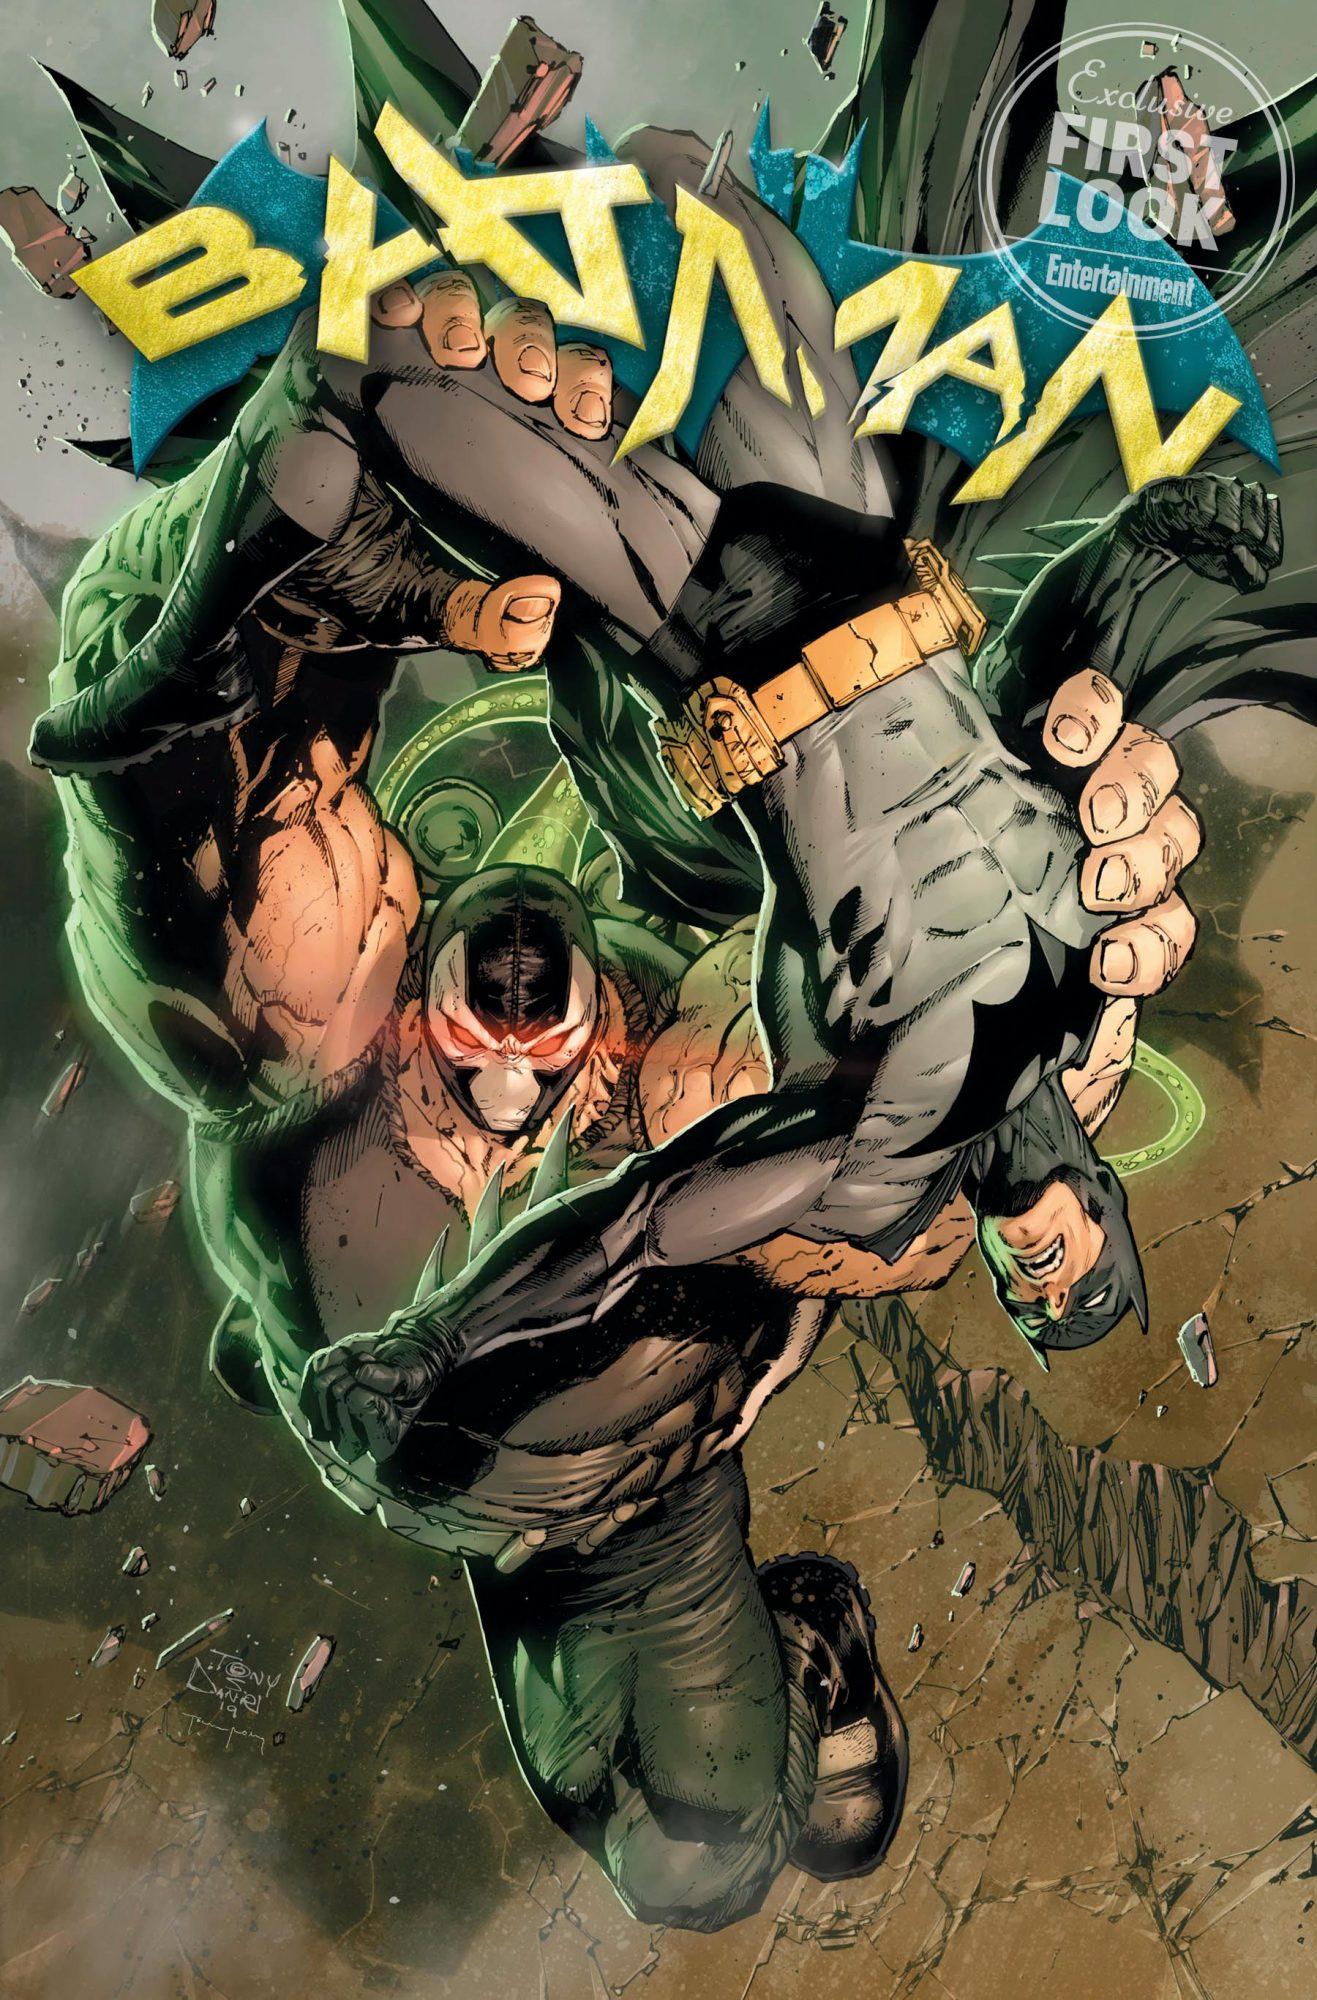 Batman #76 comic cover Bane and Batman Credit: Tony S. Daniel/DC Comics